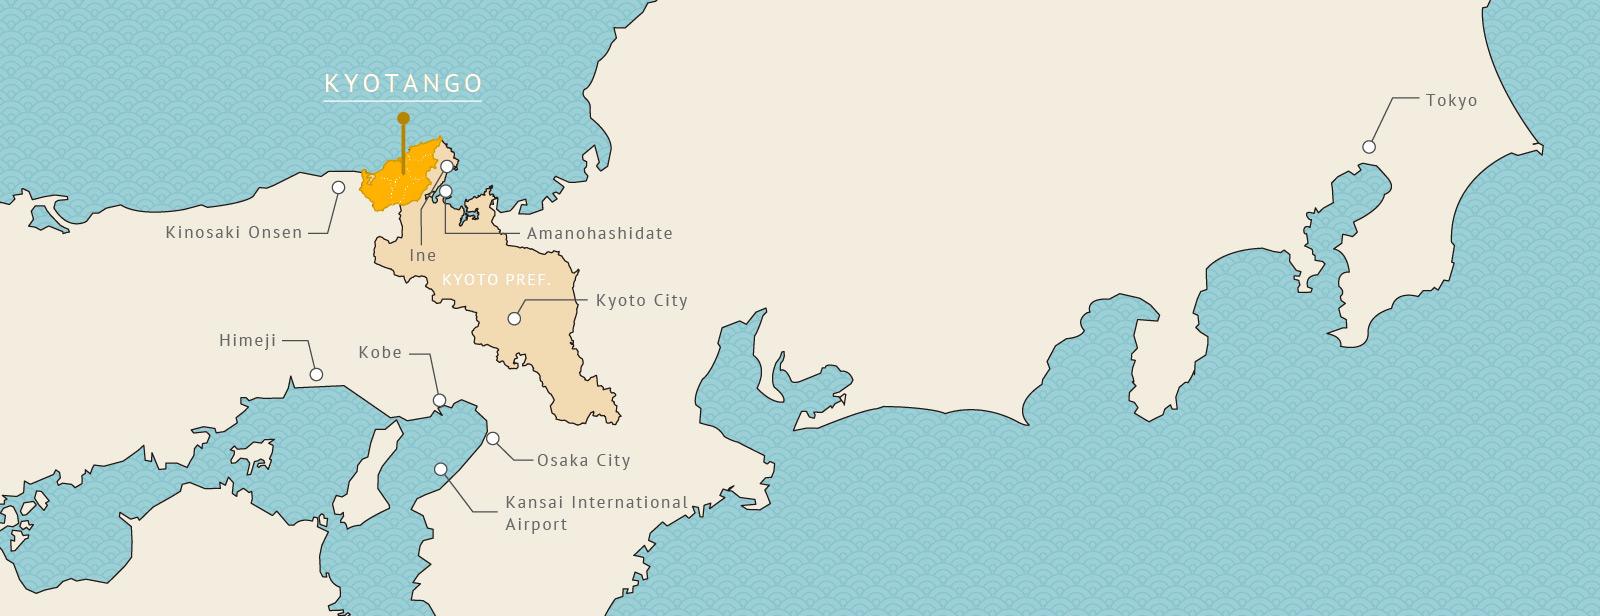 Kyotango Map